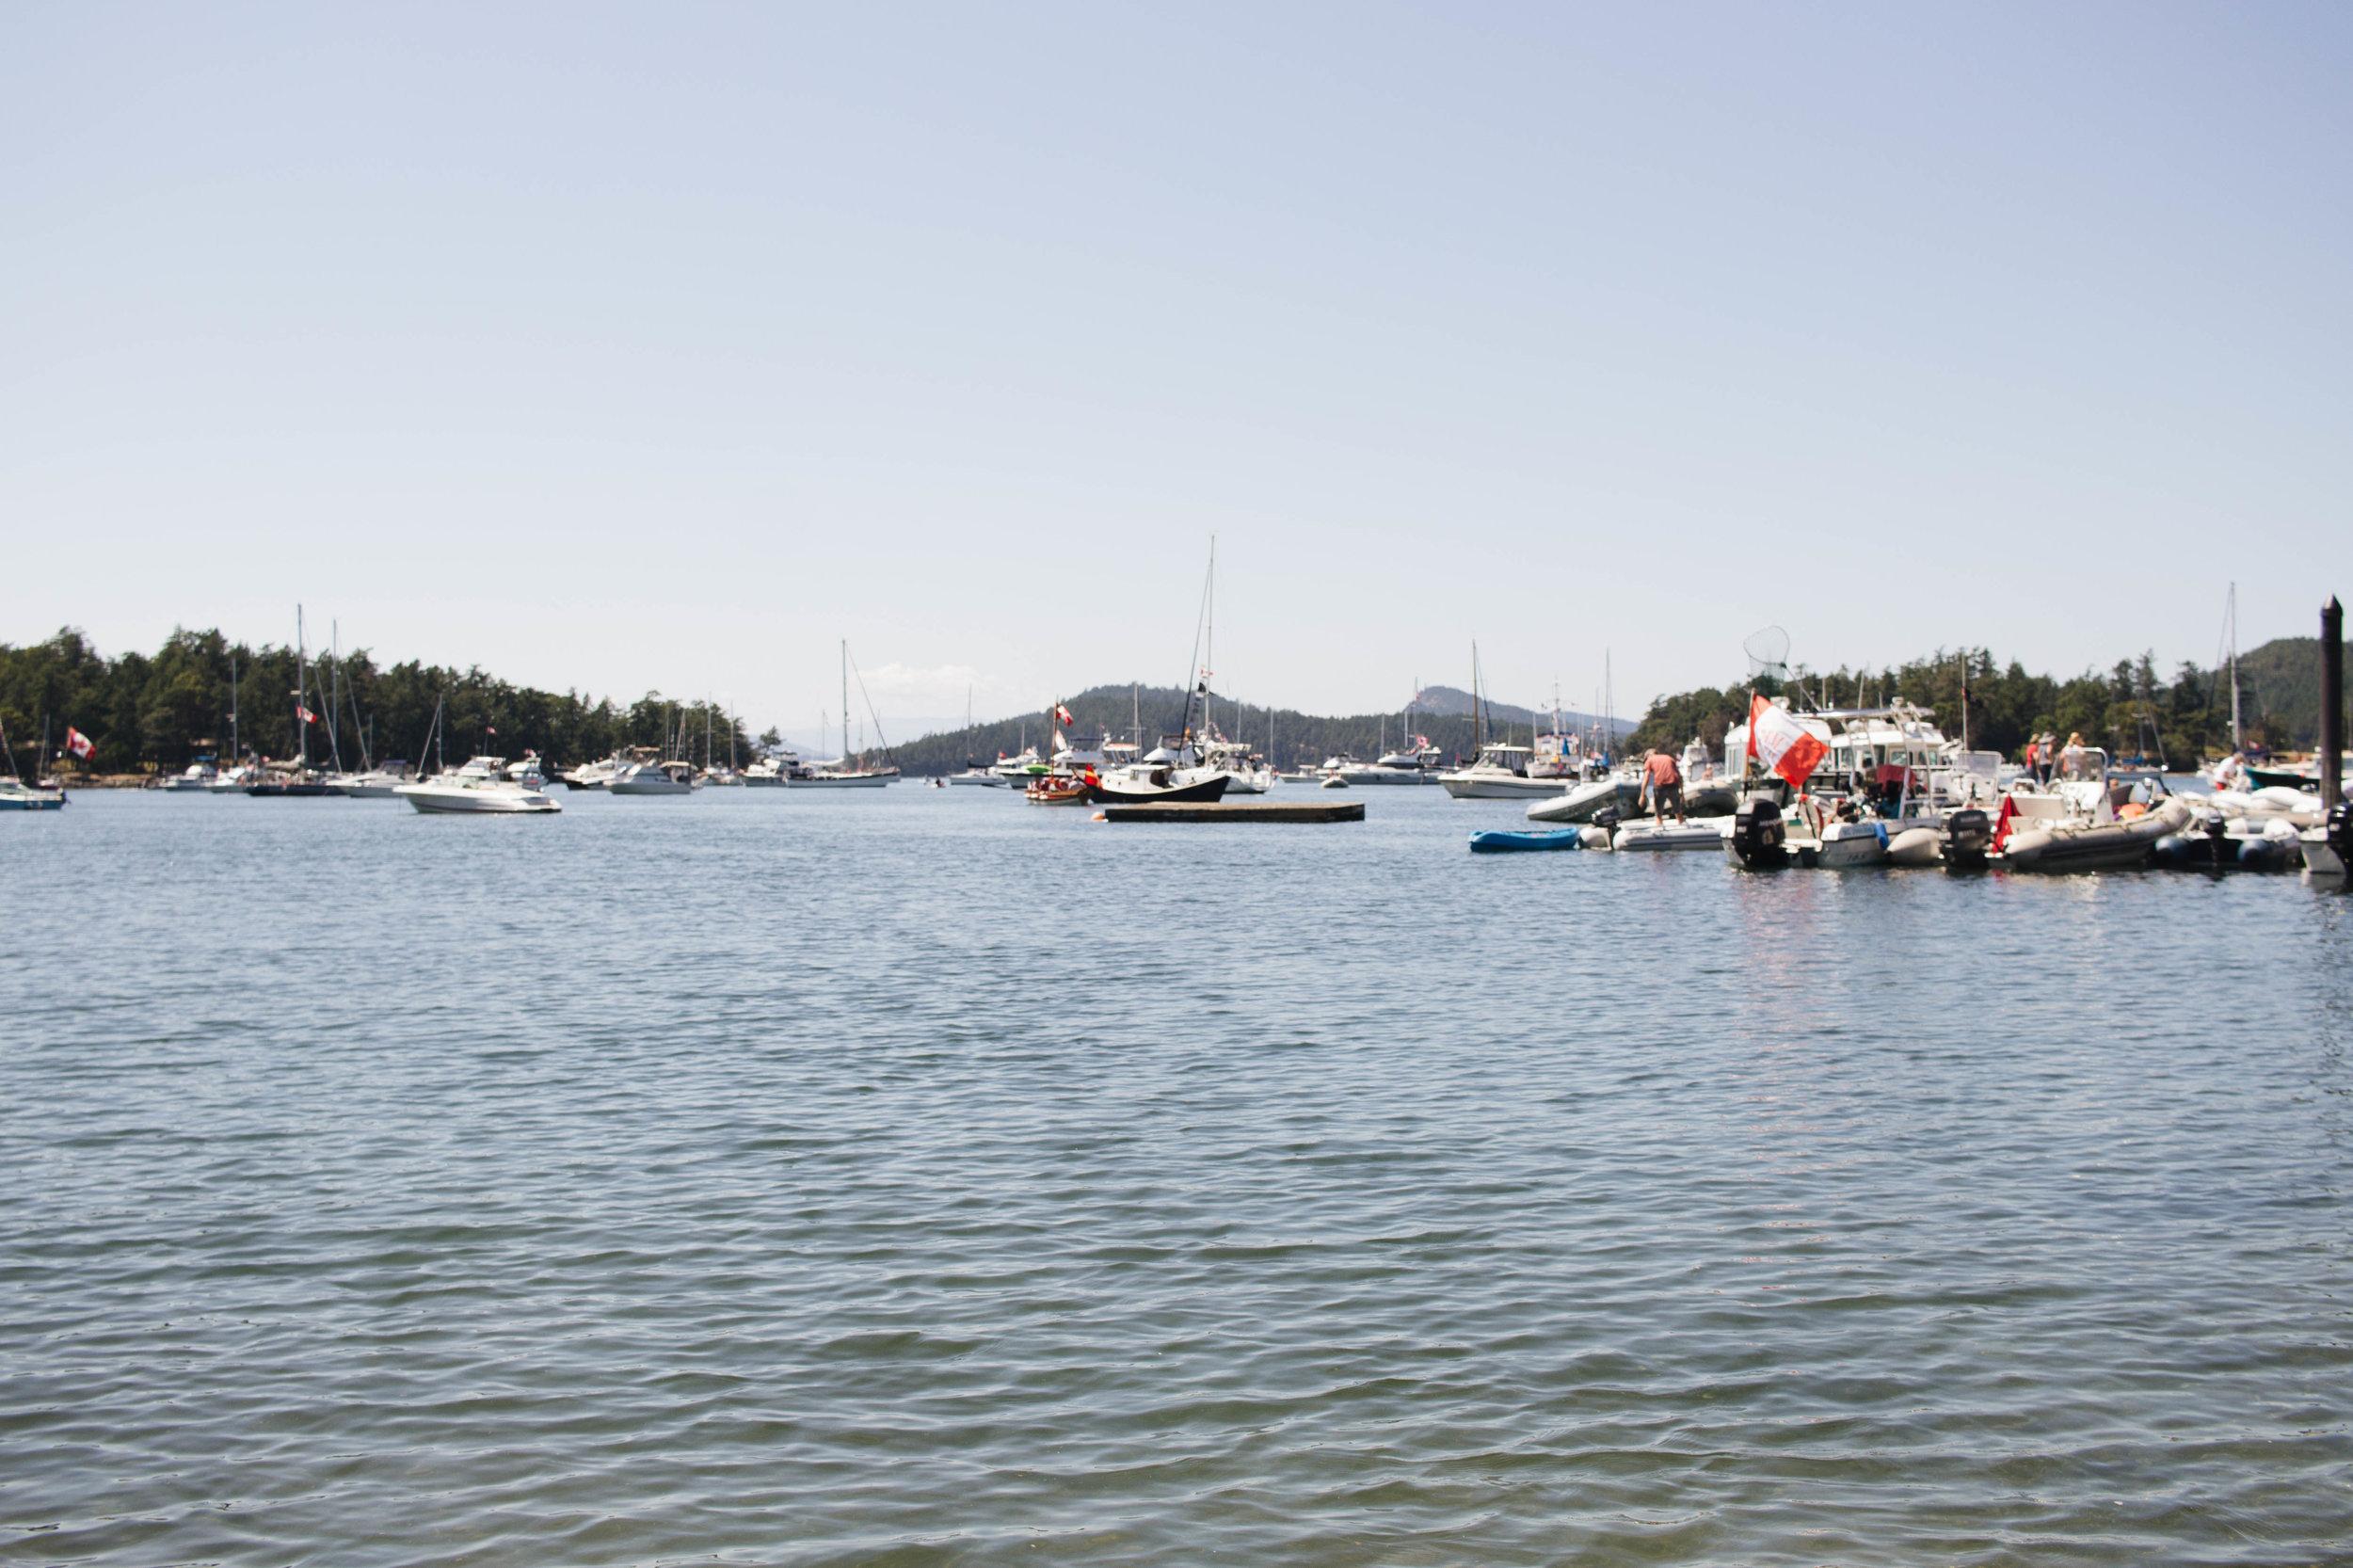 Saturna harbour